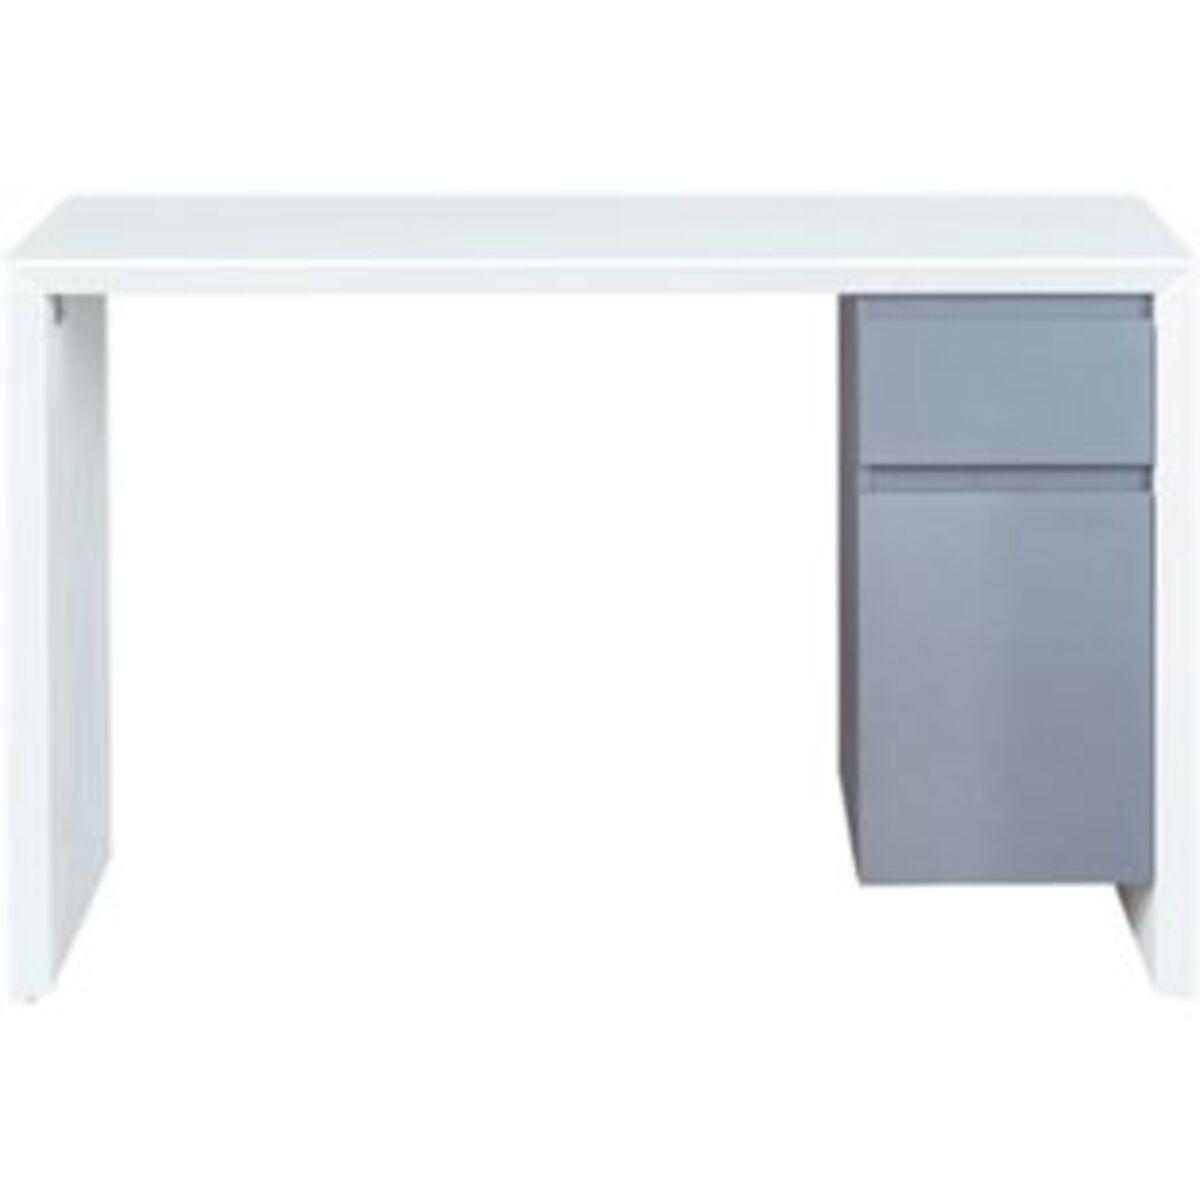 Bild 2 von Inter Link Schreibtisch Megara in Weiss und Grau mit 1 Schublade und 1 Tür